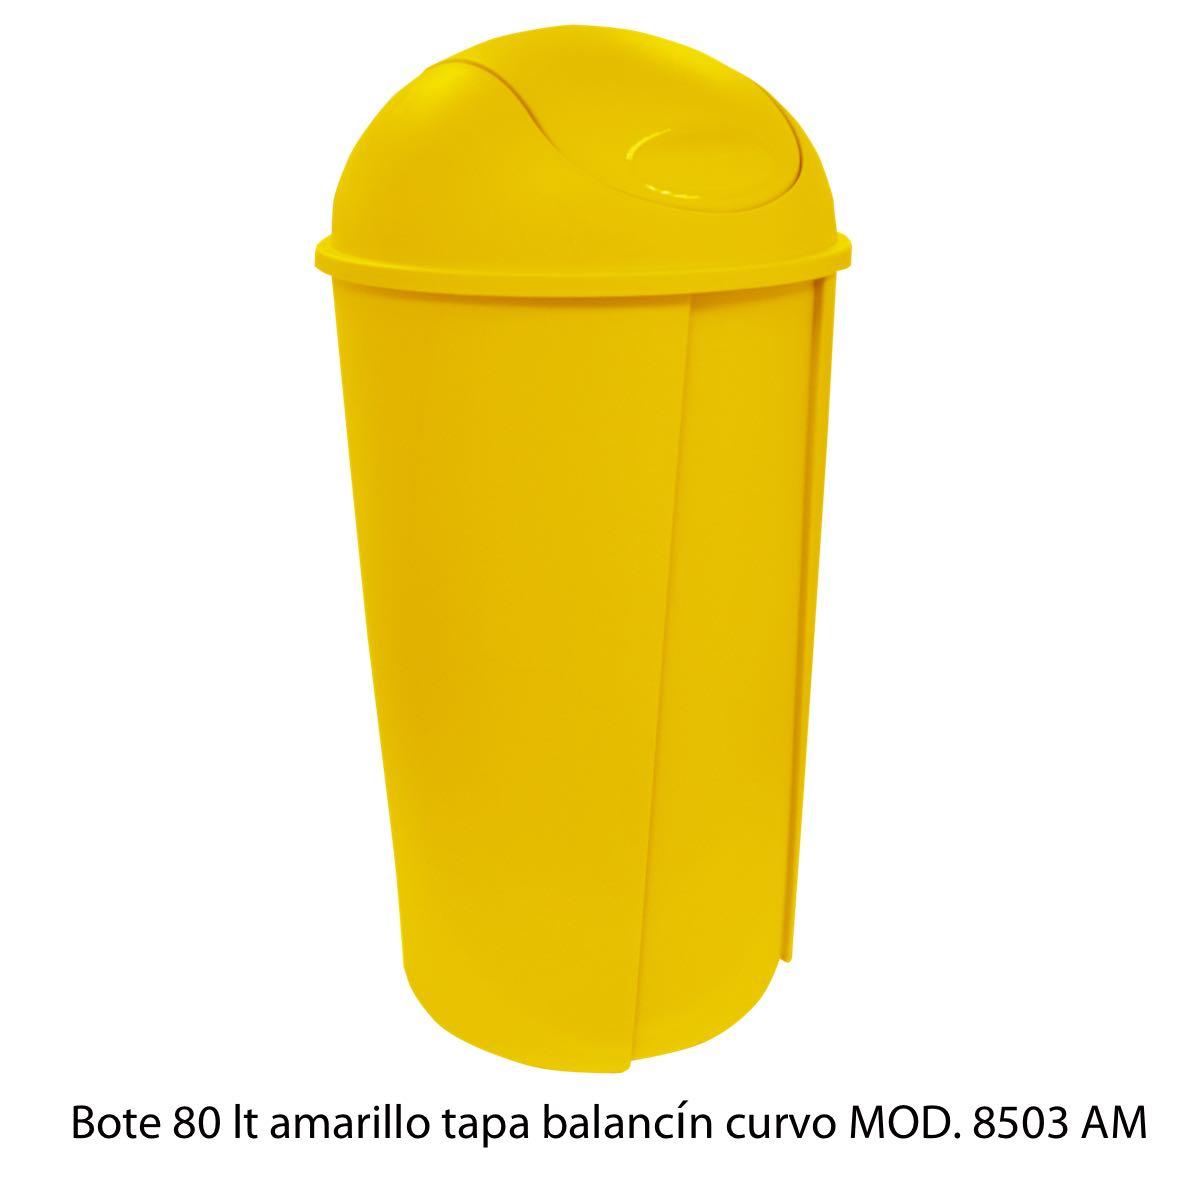 Bote de bausra de 80 litros con tapa balancín curvo color amarillo modelo 8503 AM Sablón